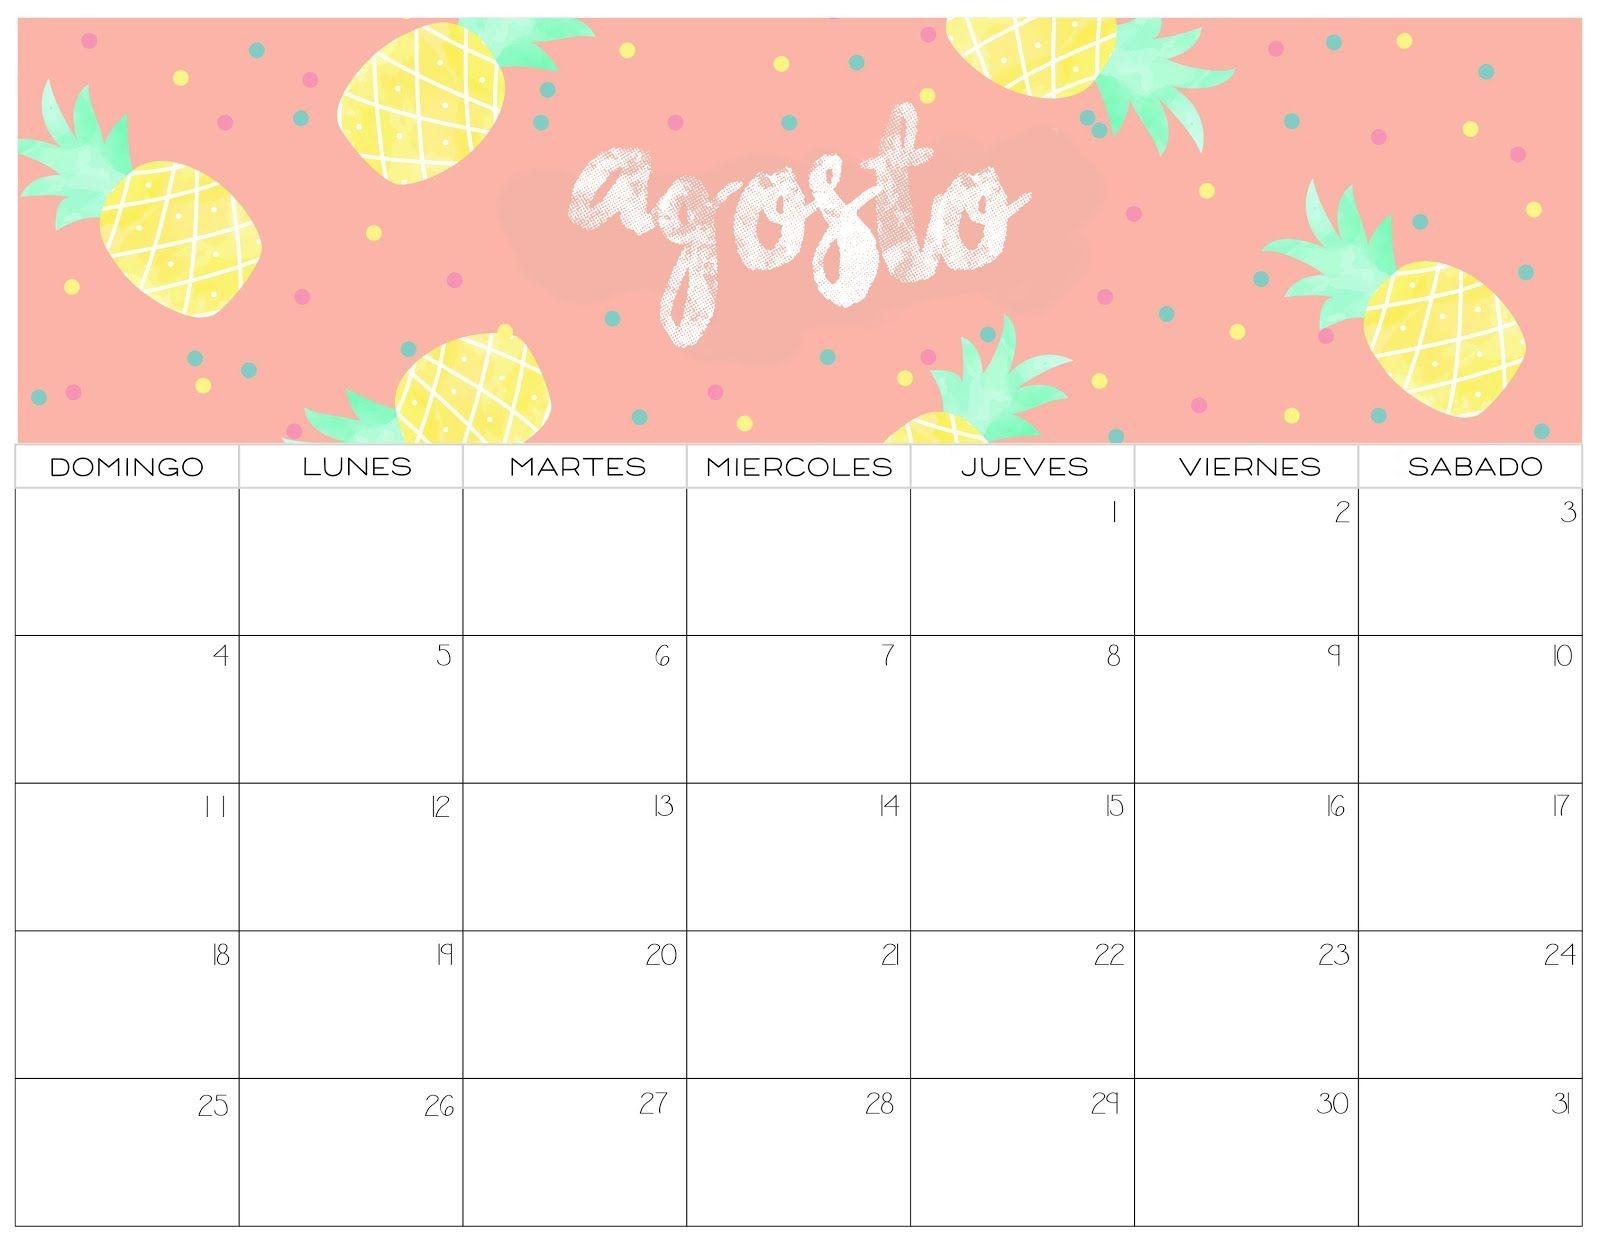 Calendario Sep Febrero 2018 Más Reciente Calendario 2019 Colorido 2 Estilos Meses Pinterest Of Calendario Sep Febrero 2018 Actual Ya Puedes organizar Tu 2018 Aqu Tienes 15 Plantillas Del